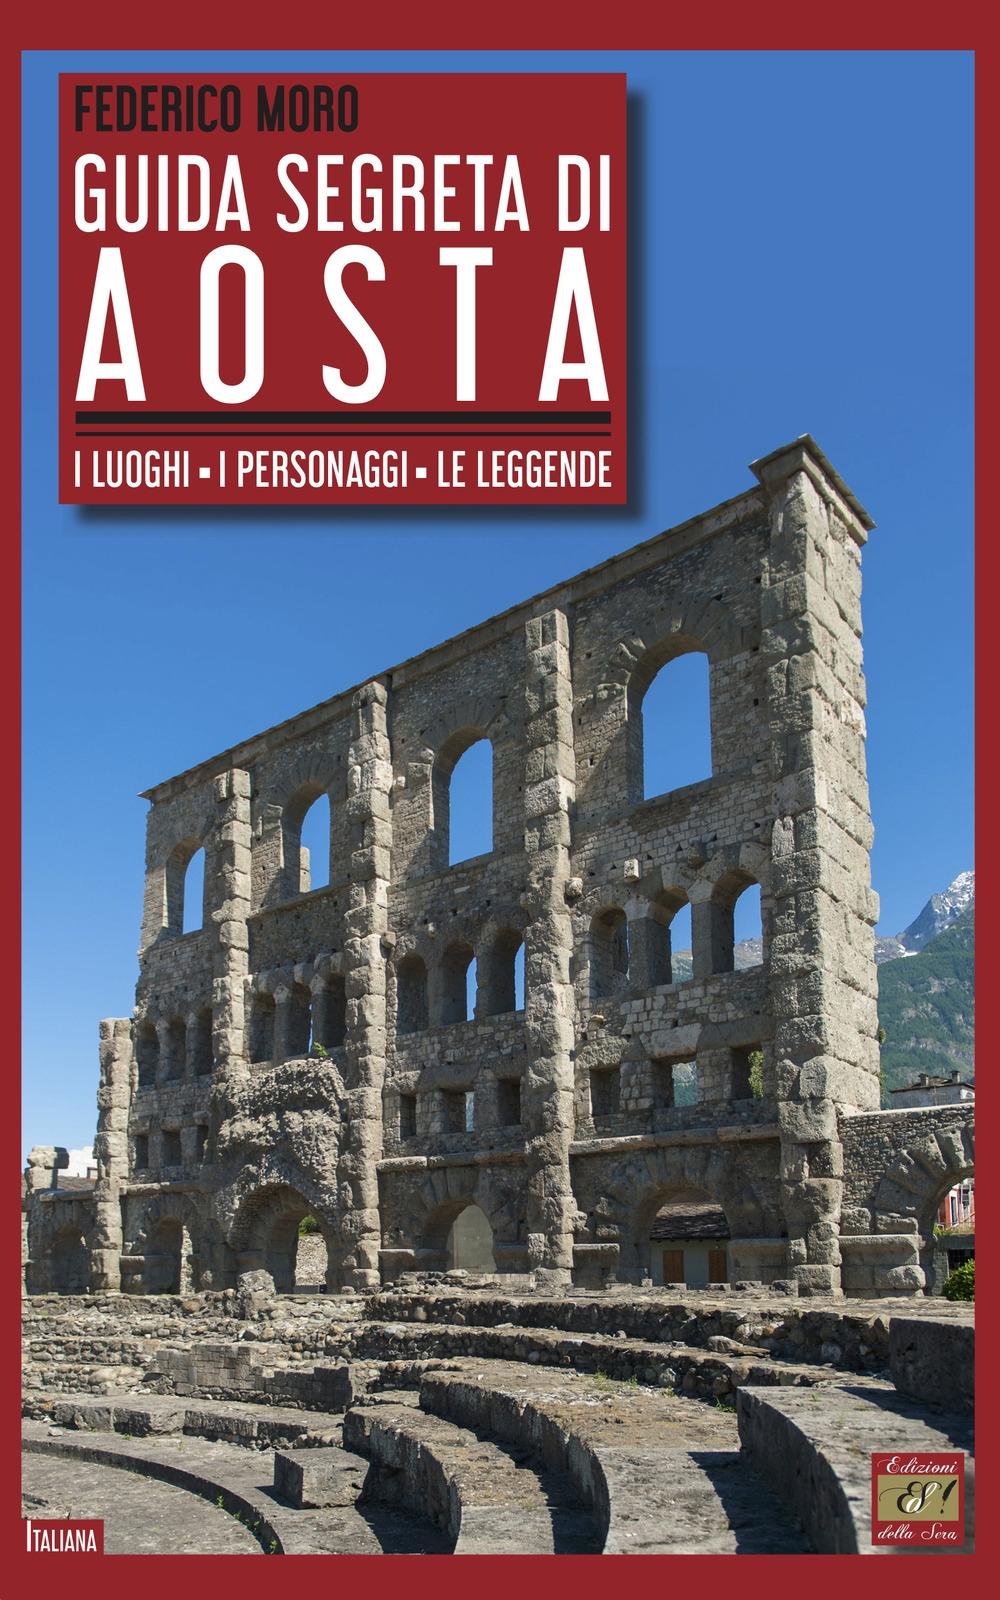 Guida segreta di Aosta. I luoghi, i personaggi, le leggende